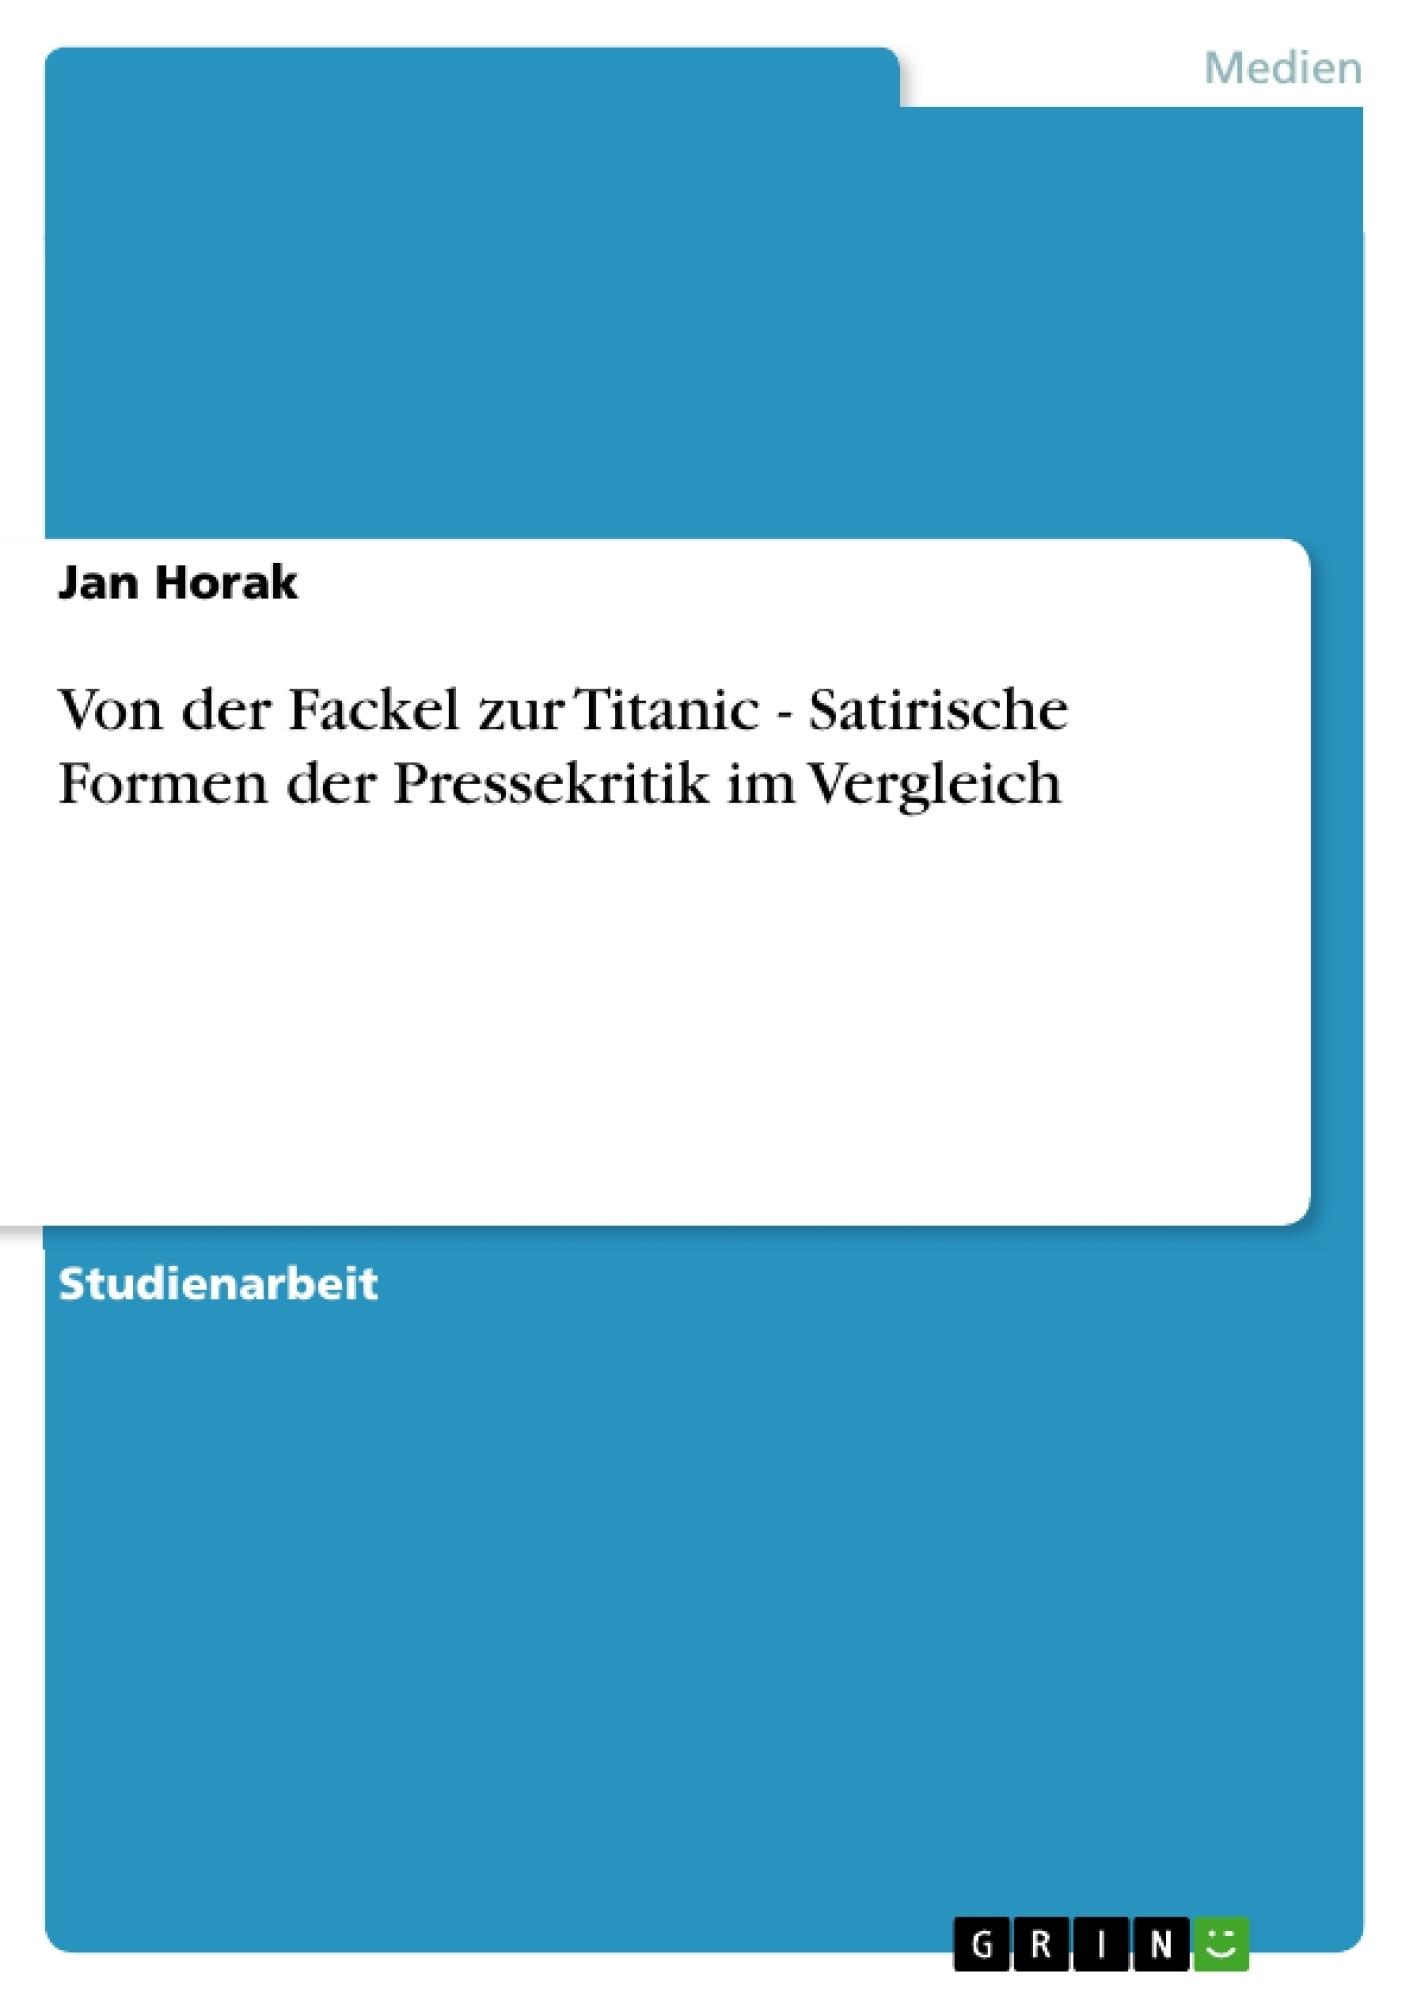 Titel: Von der Fackel zur Titanic - Satirische Formen der Pressekritik im Vergleich